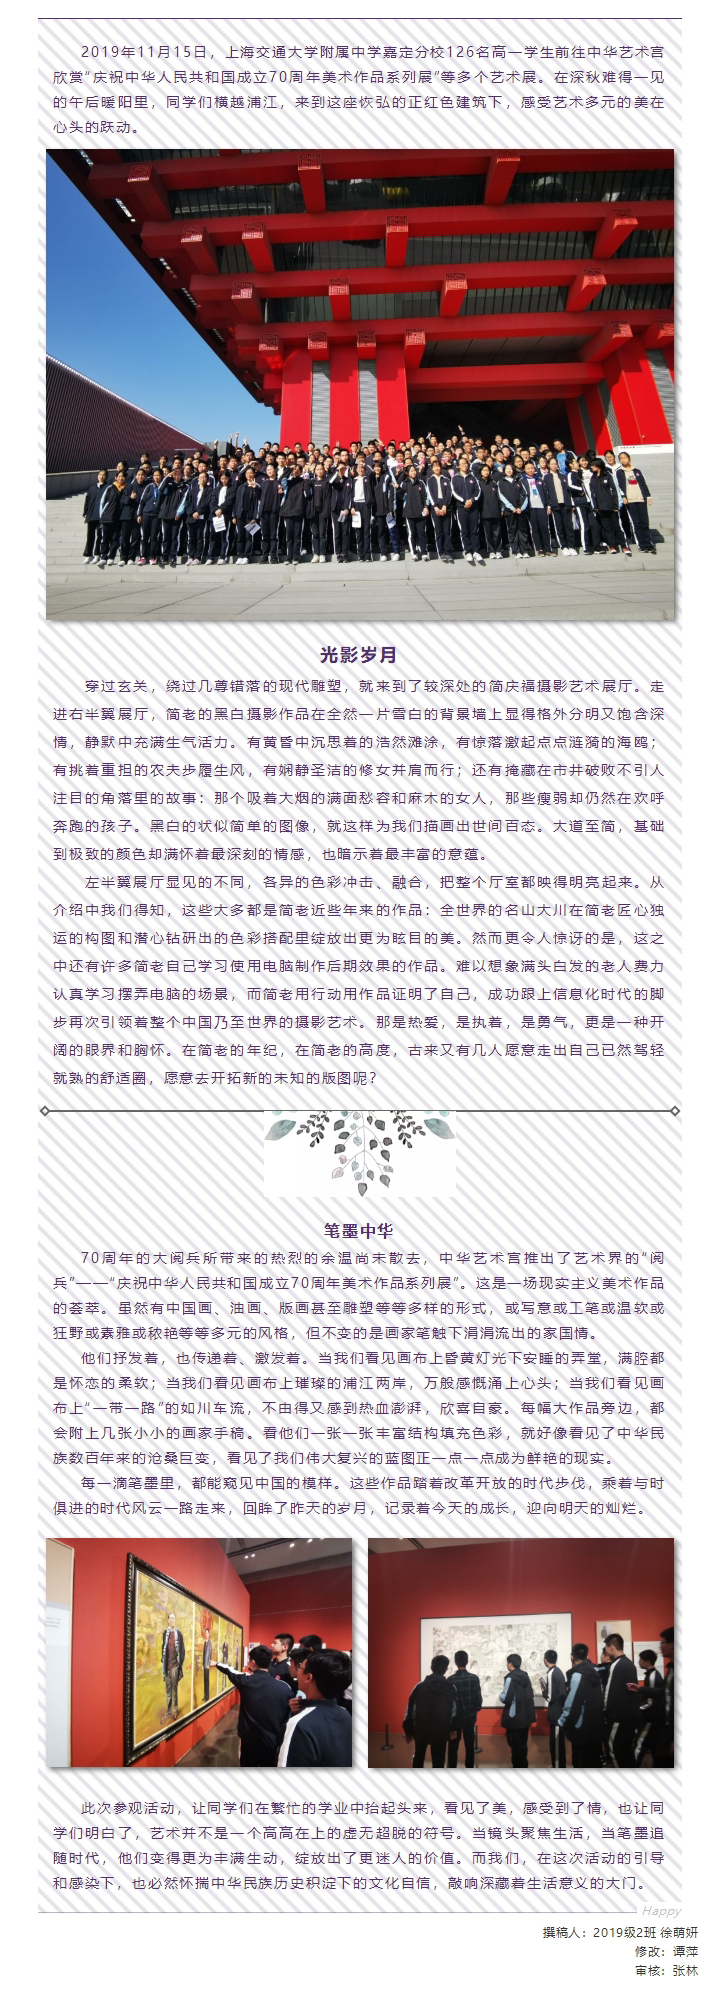 """新時代﹒中國夢——記2019級學生參觀""""慶祝中華人民共和國成立70周年美術作品系列展""""_20191120221310.jpg"""